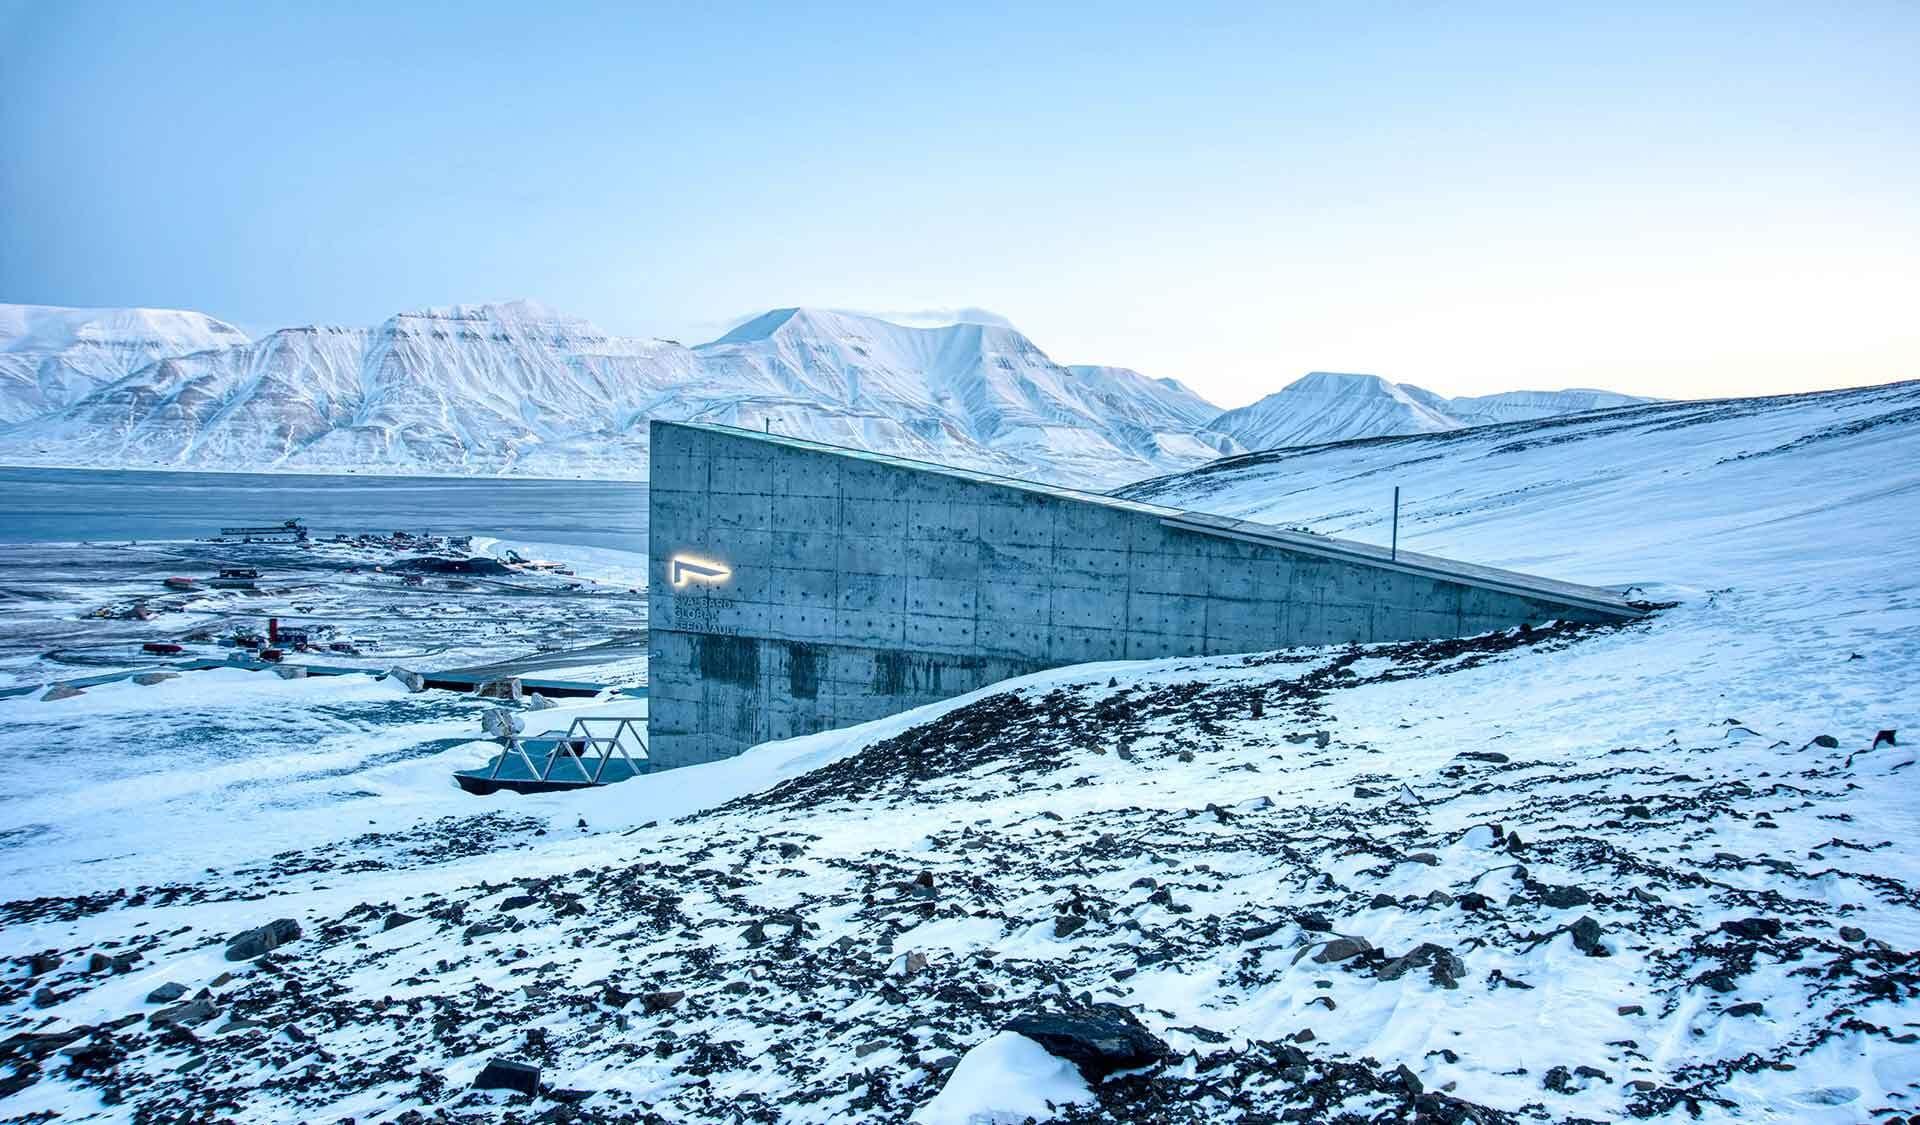 Gebäude ragt aus einem Berg auf Spitzbergen